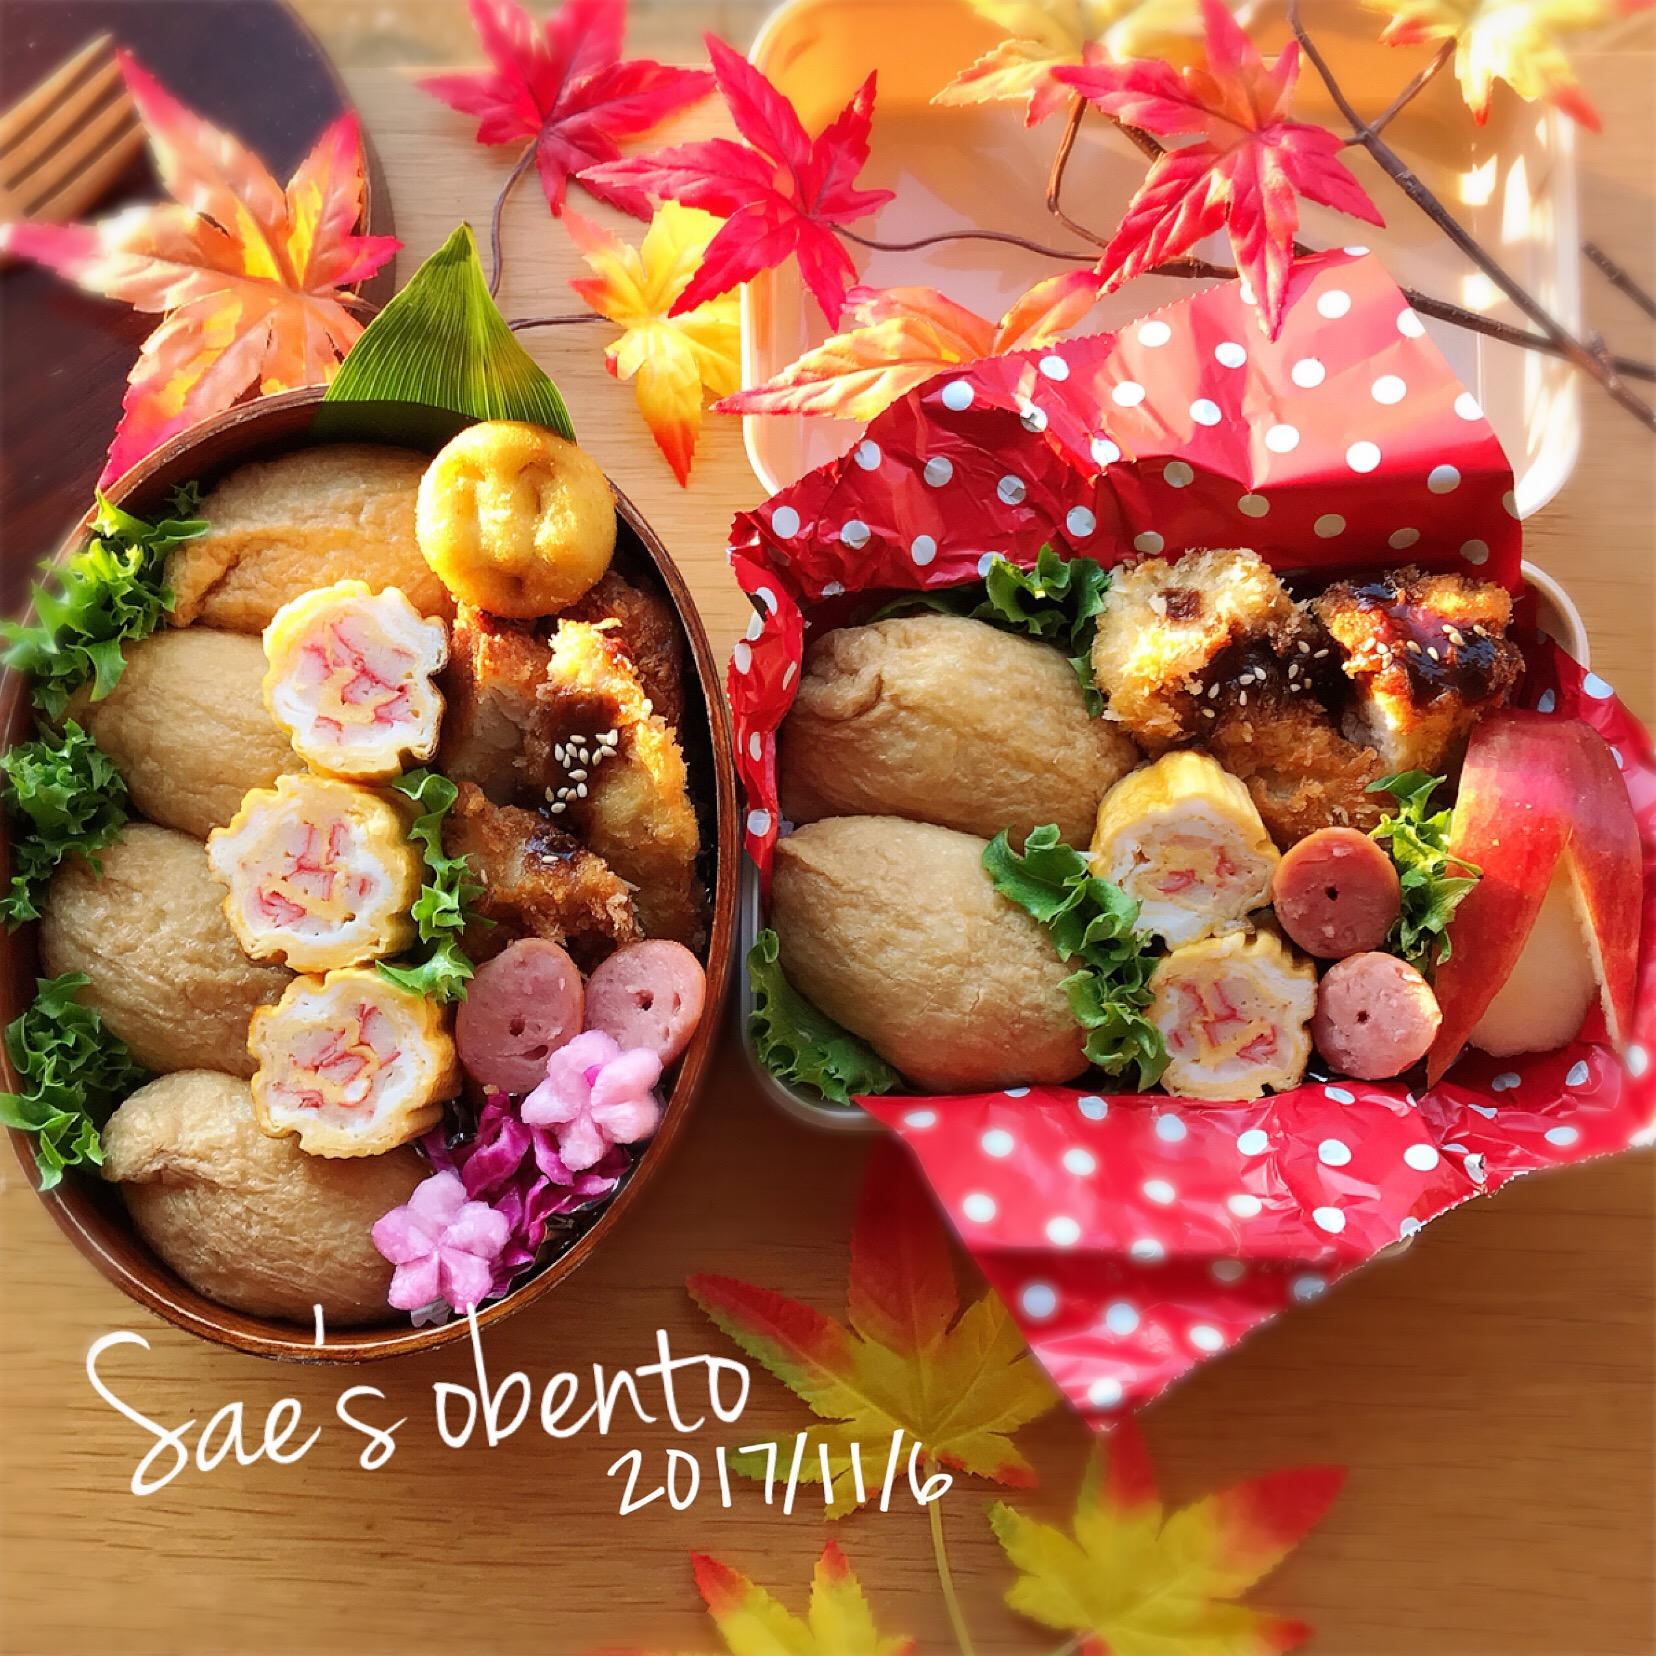 #今日のお弁当 の #親子弁当 は#いなり寿司 &#チキンカツ 弁当